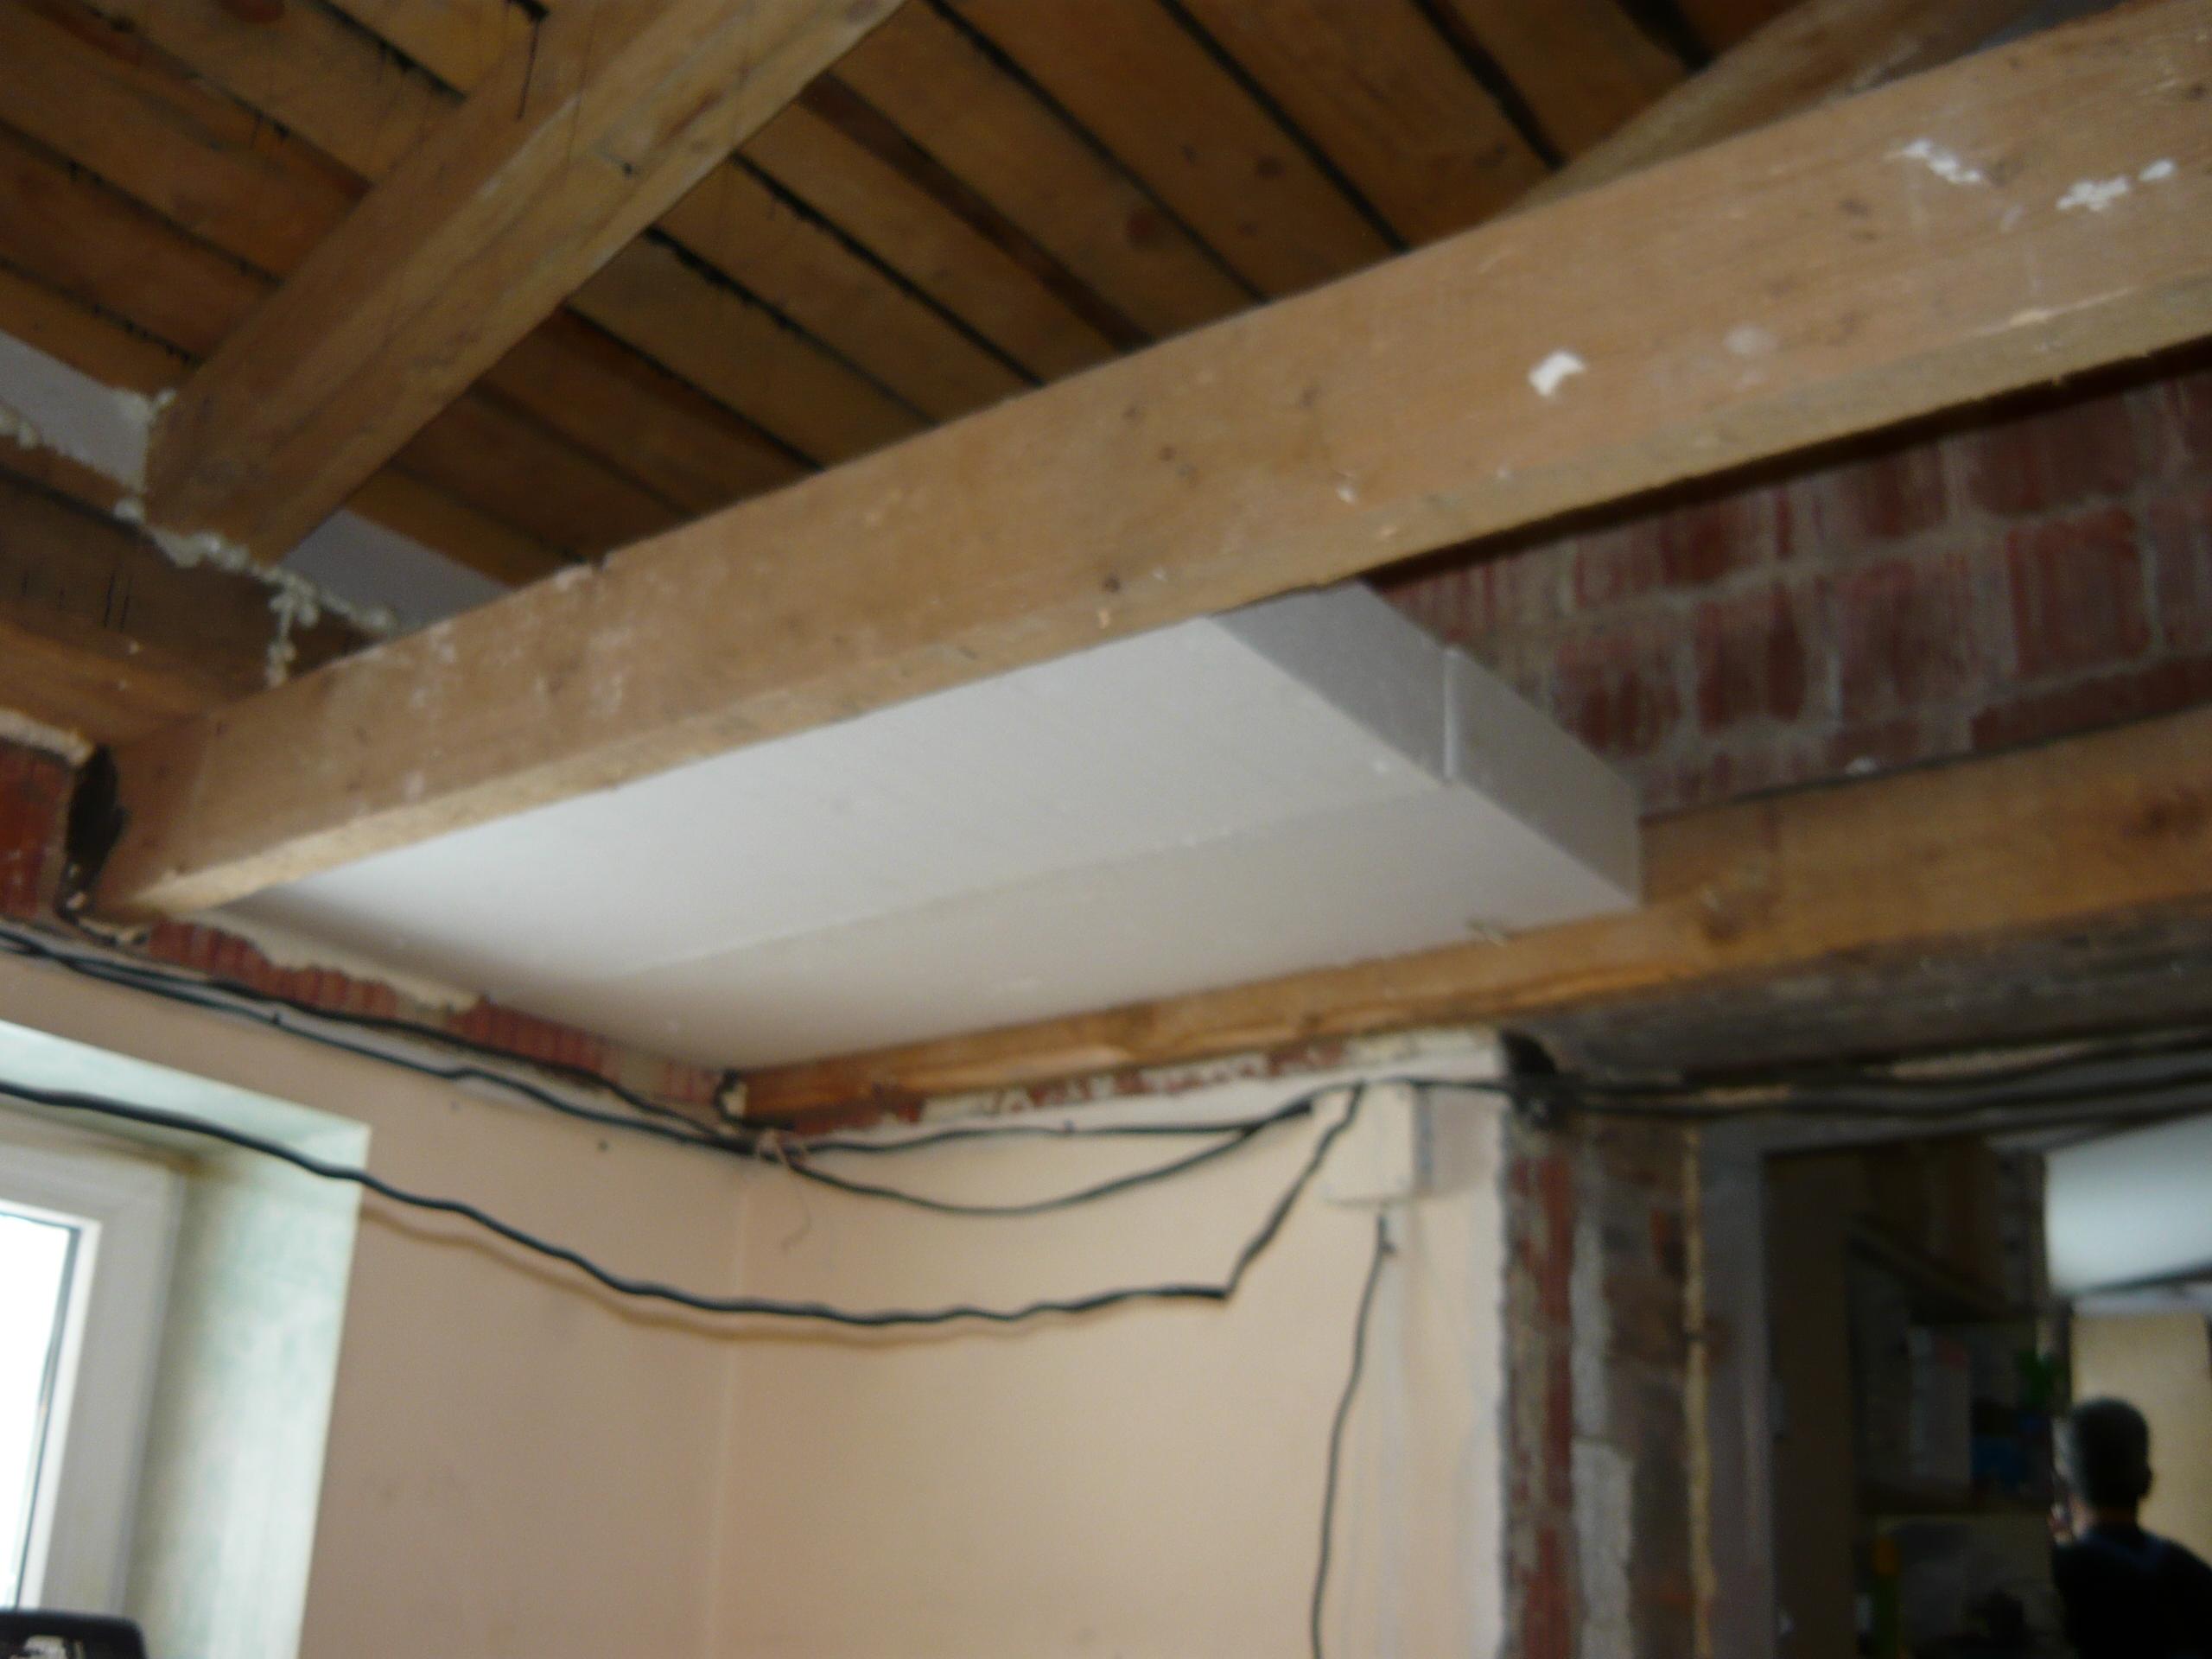 Isolation plafond lambris bois prix travaux au m2 haute garonne entreprise - Prix lambris bois plafond ...